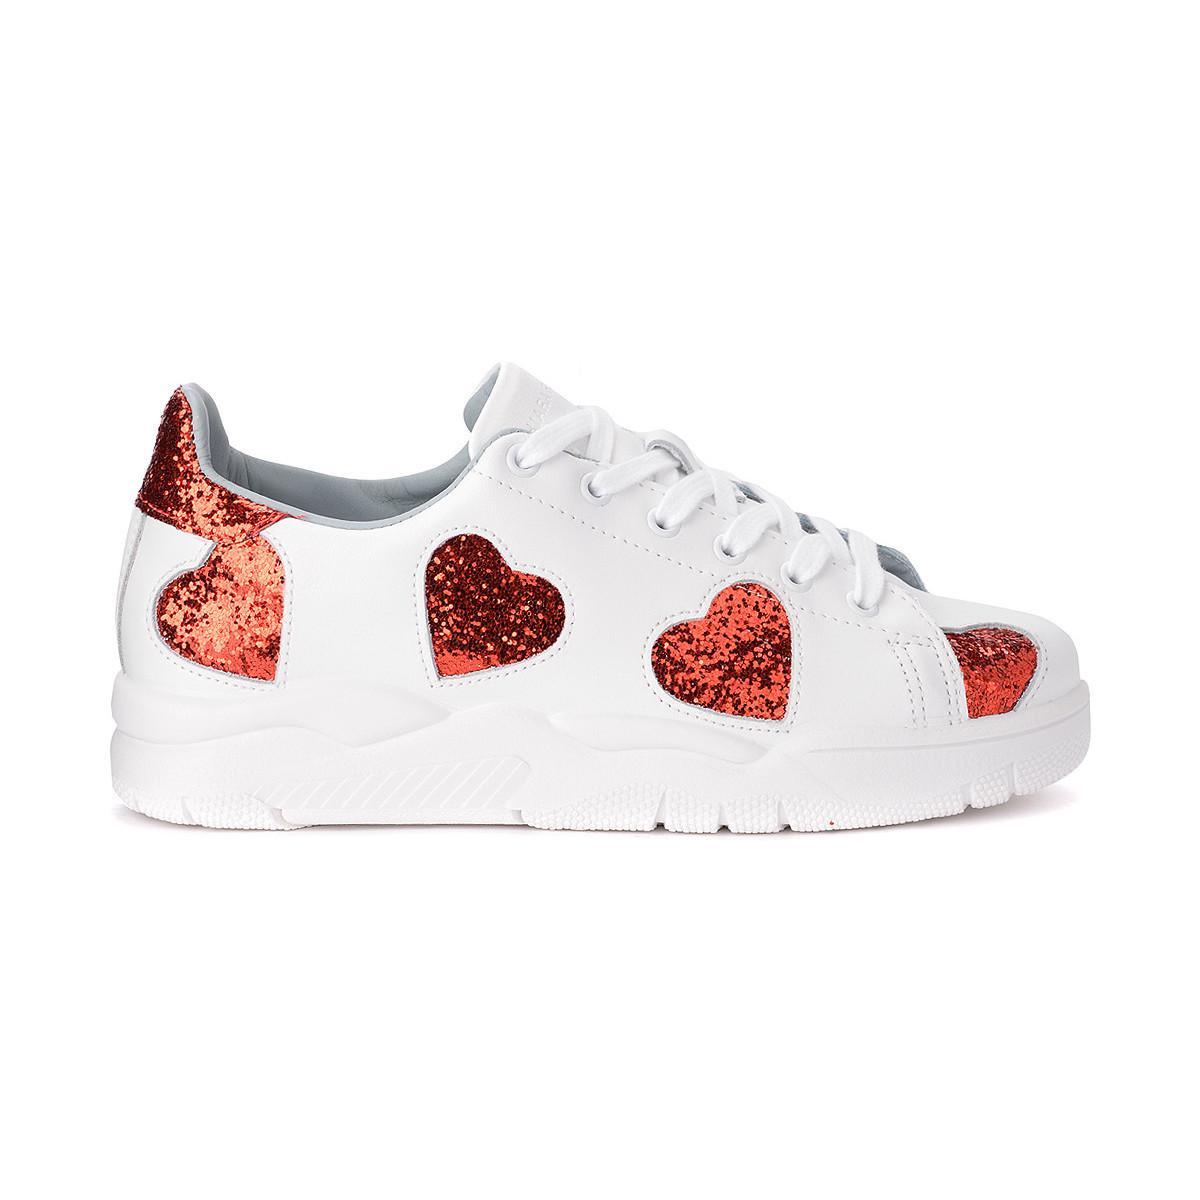 Chaussures Cuir Pa Roger Des Lyst En De Coeurs Blanc Basket Avec ZIUIxwp